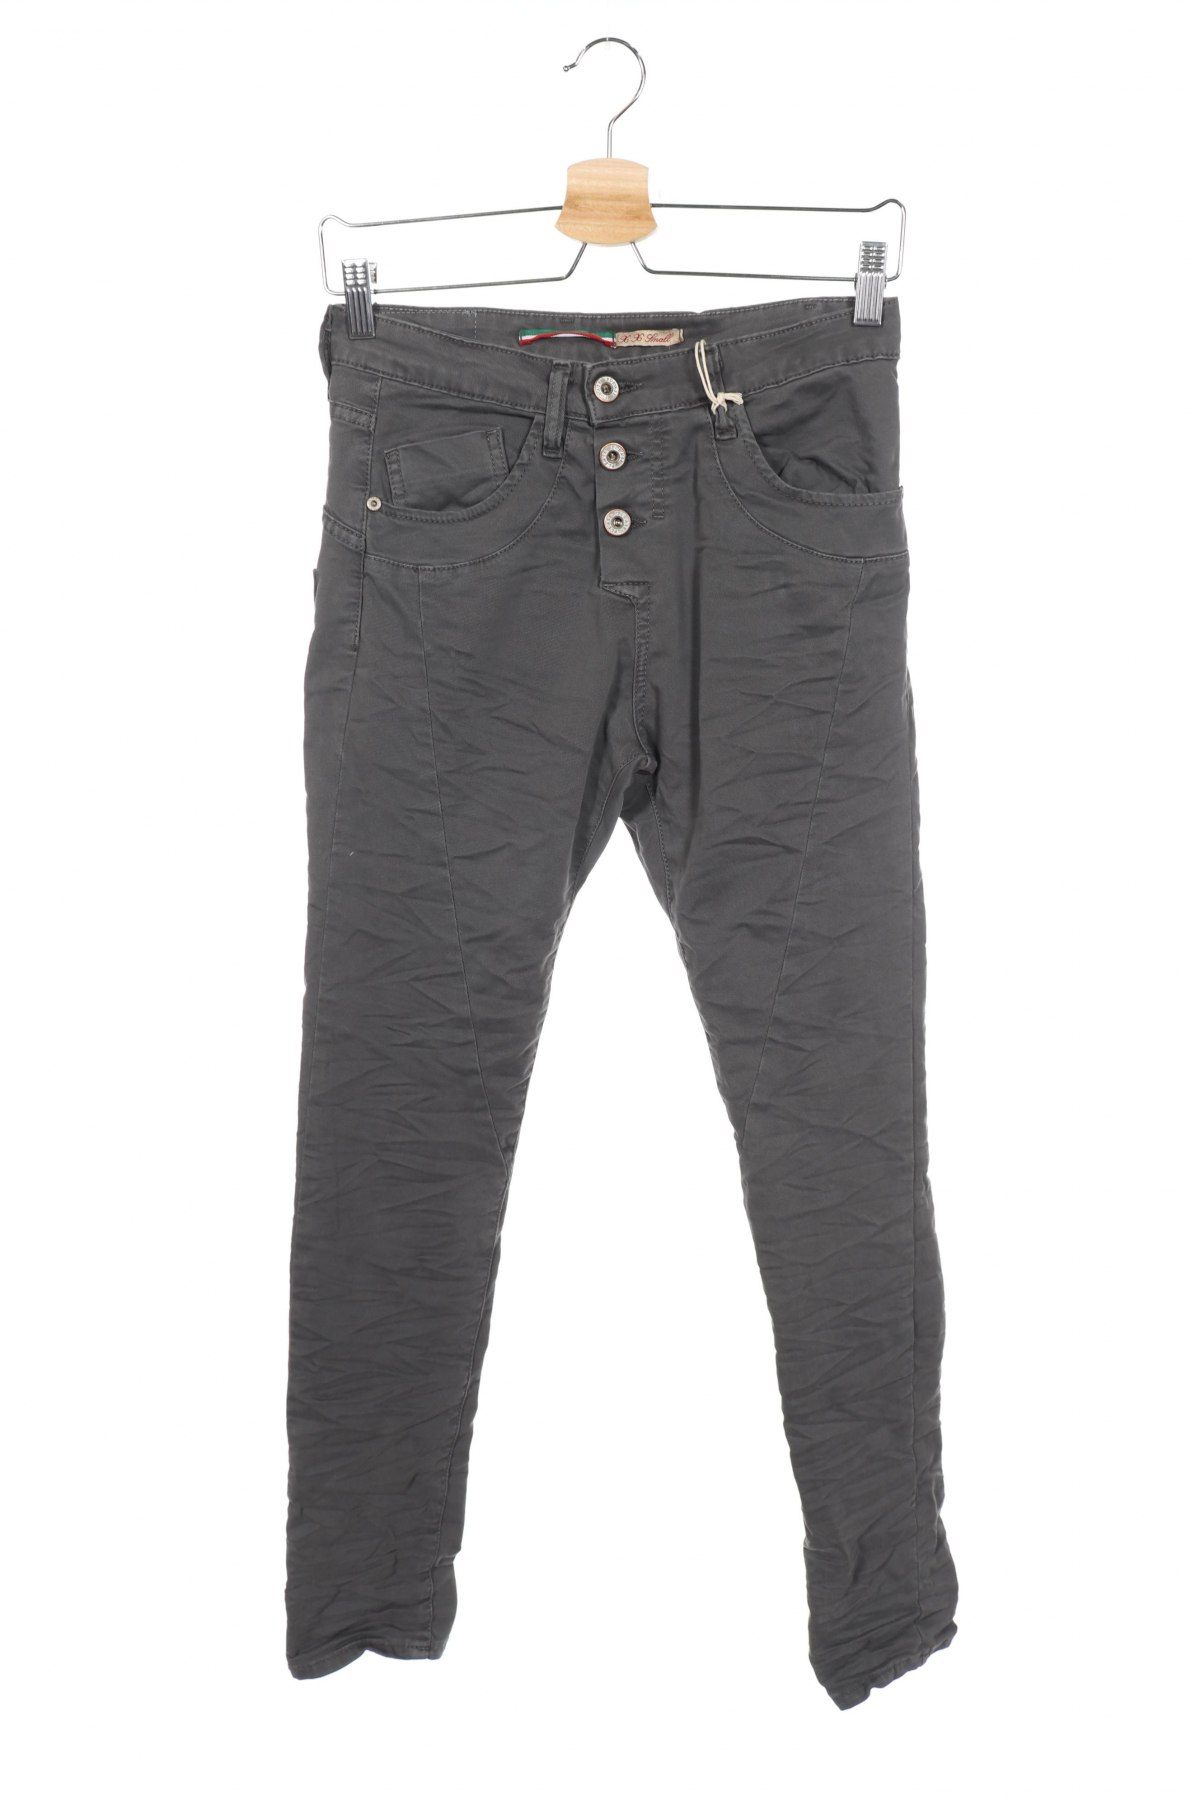 Дамски дънки Please, Размер XXS, Цвят Сив, 98% памук, 2% еластан, Цена 23,85лв.